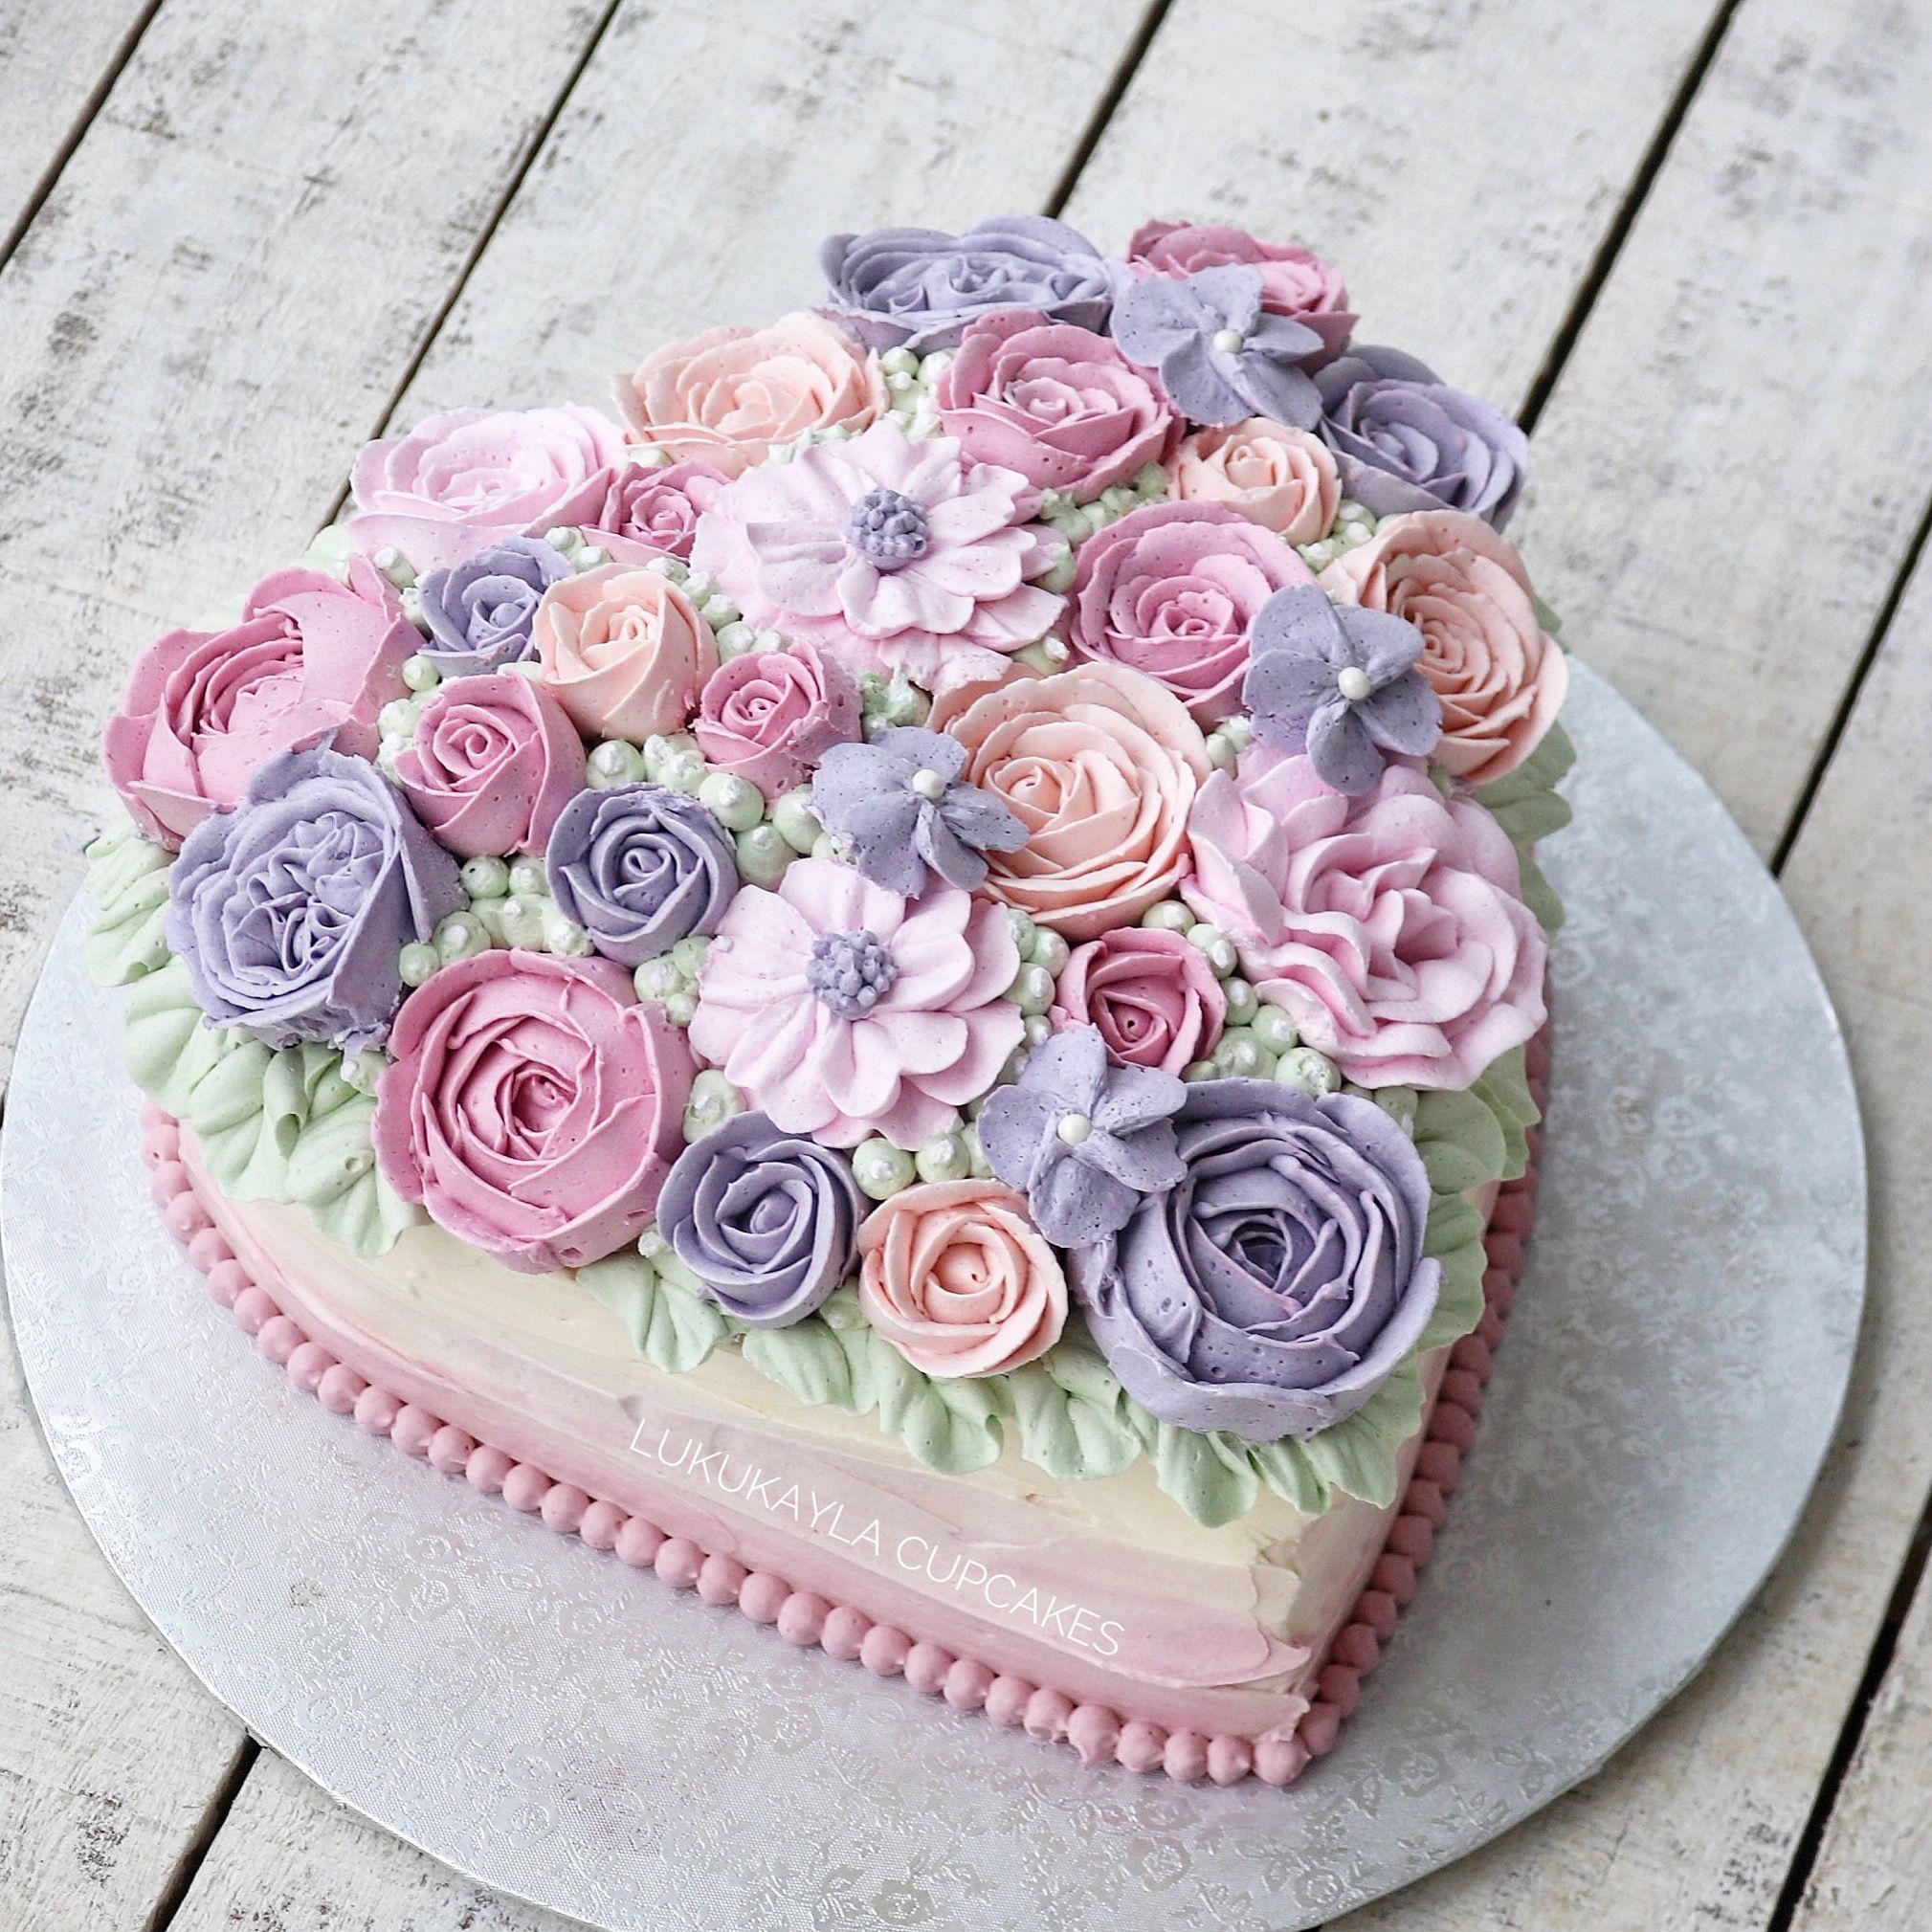 Heart Flower Buttercream Cake Birthday Cake For Mom Cake Mom Cake